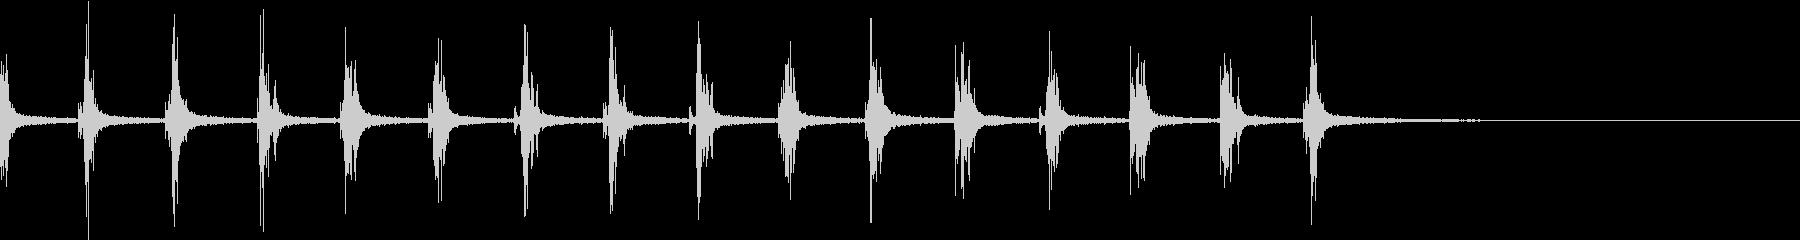 手拍子 の未再生の波形